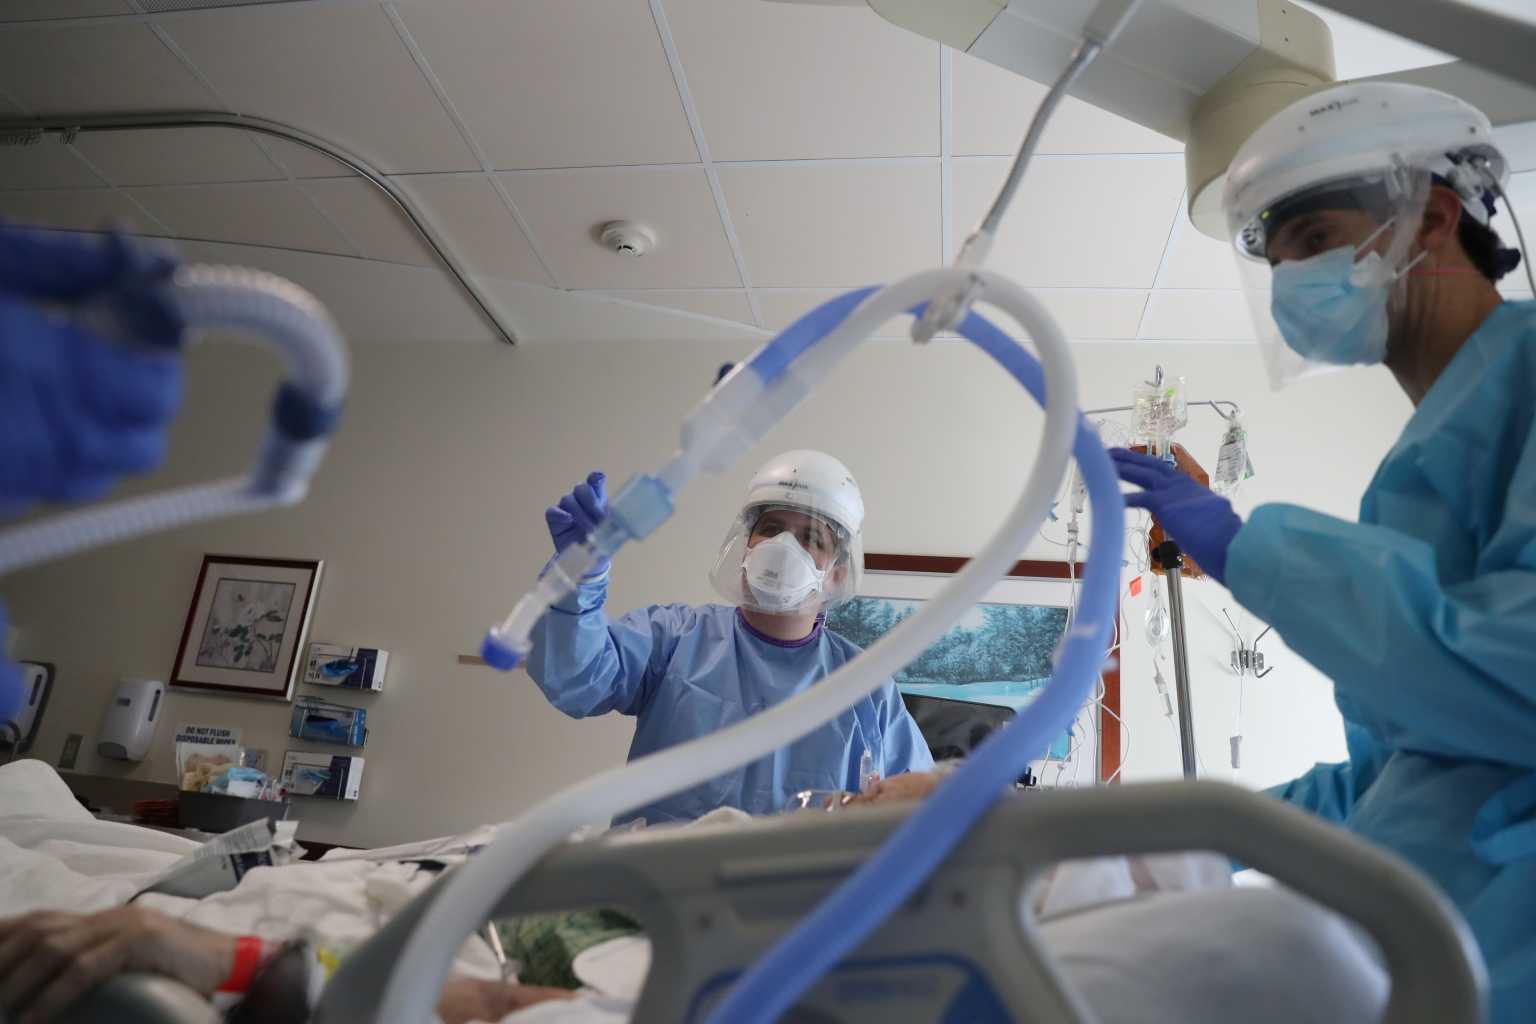 Έγκλημα στον Ερυθρό: Του έβγαλε τον αναπνευστήρα γιατί τον ενοχλούσε ο θόρυβος